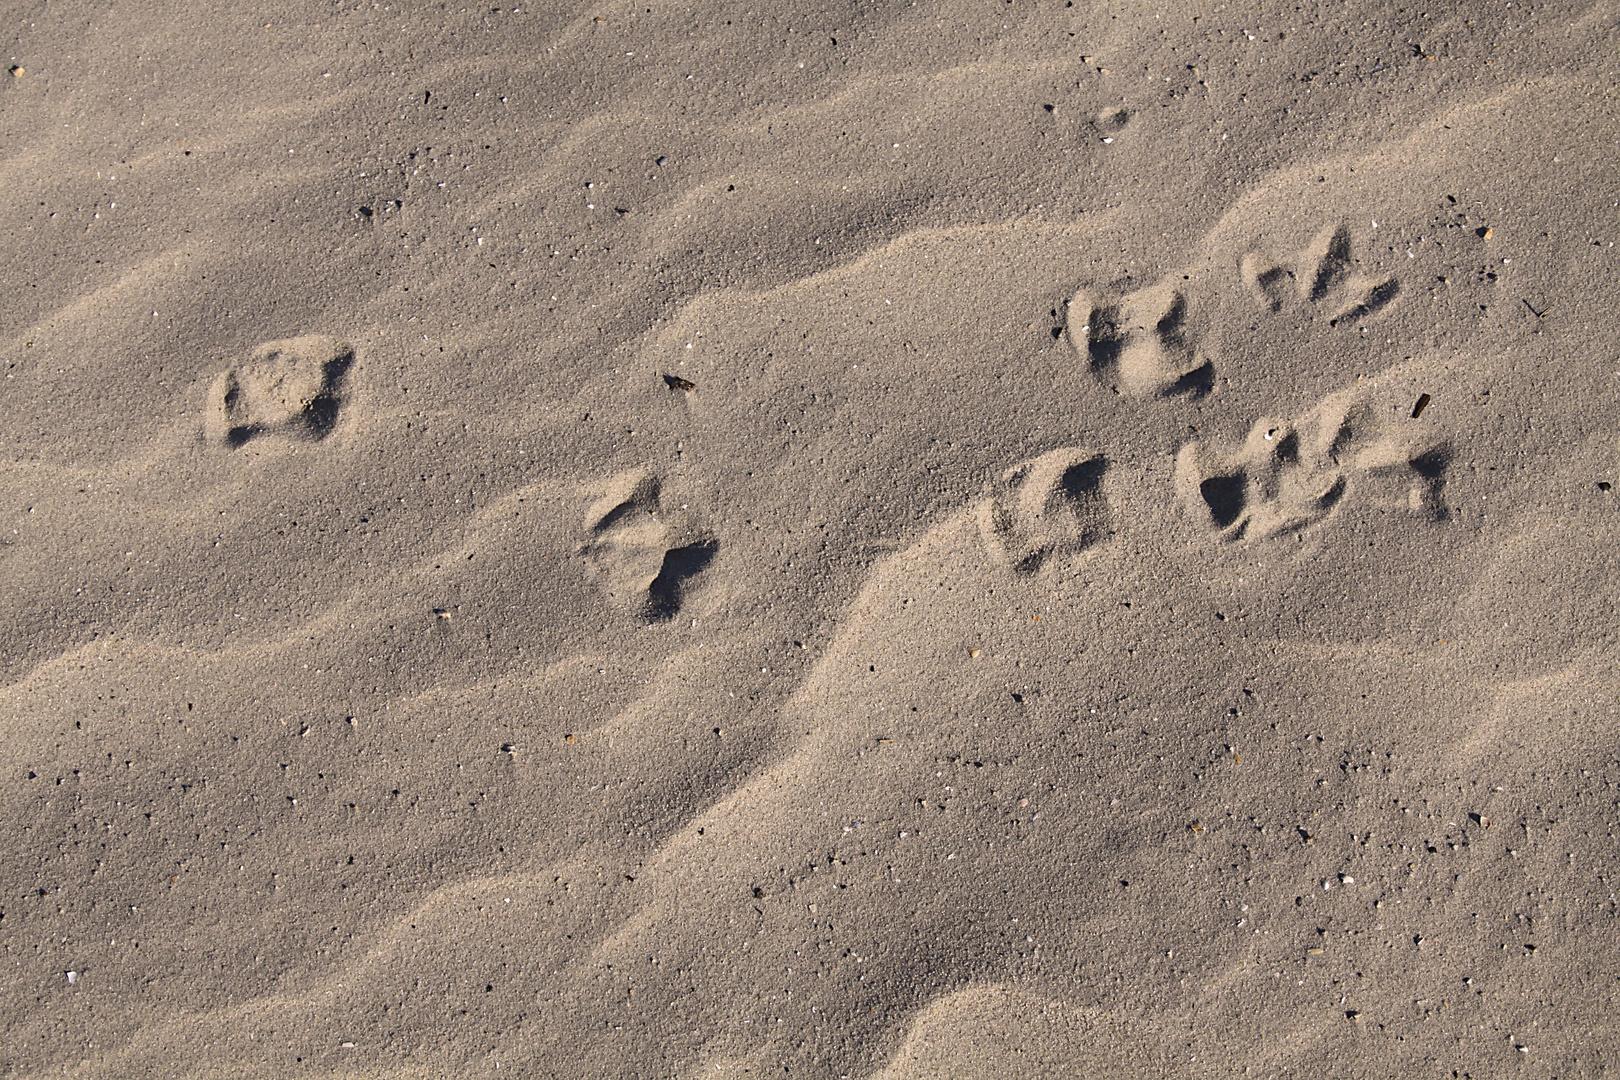 Möwenspuren im Sand